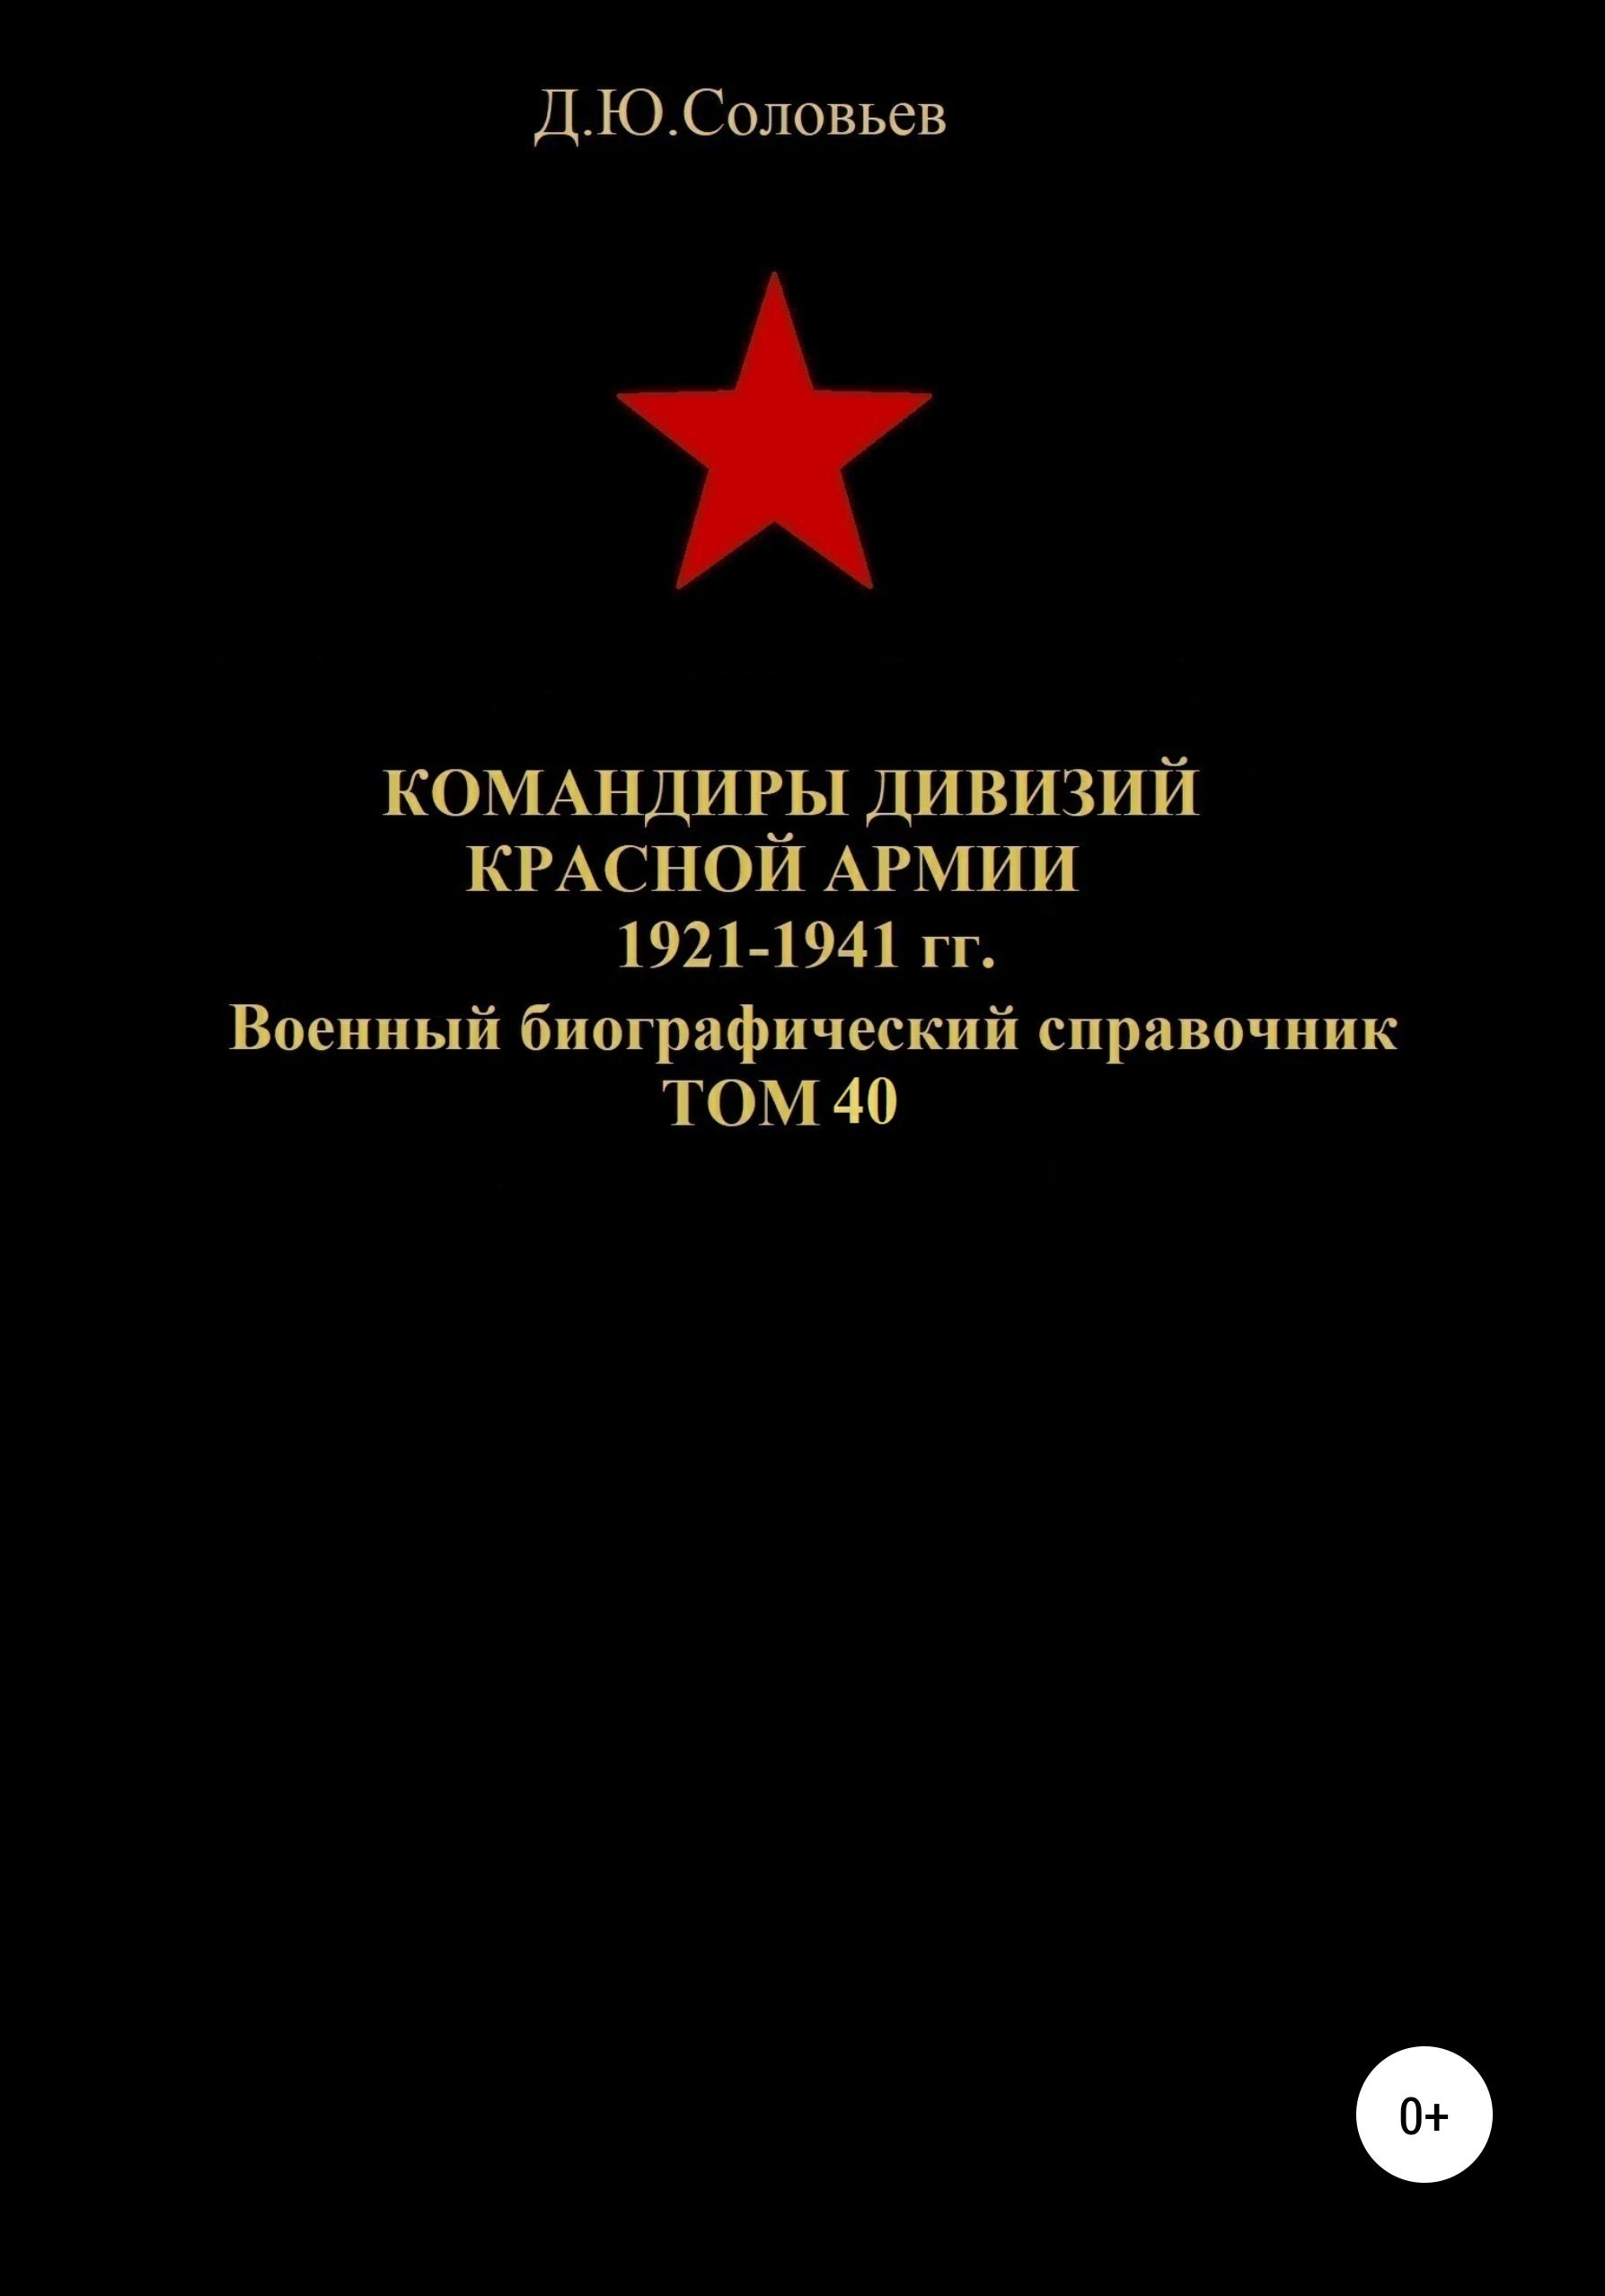 Командиры дивизий Красной Армии 1921-1941 гг. Том 40